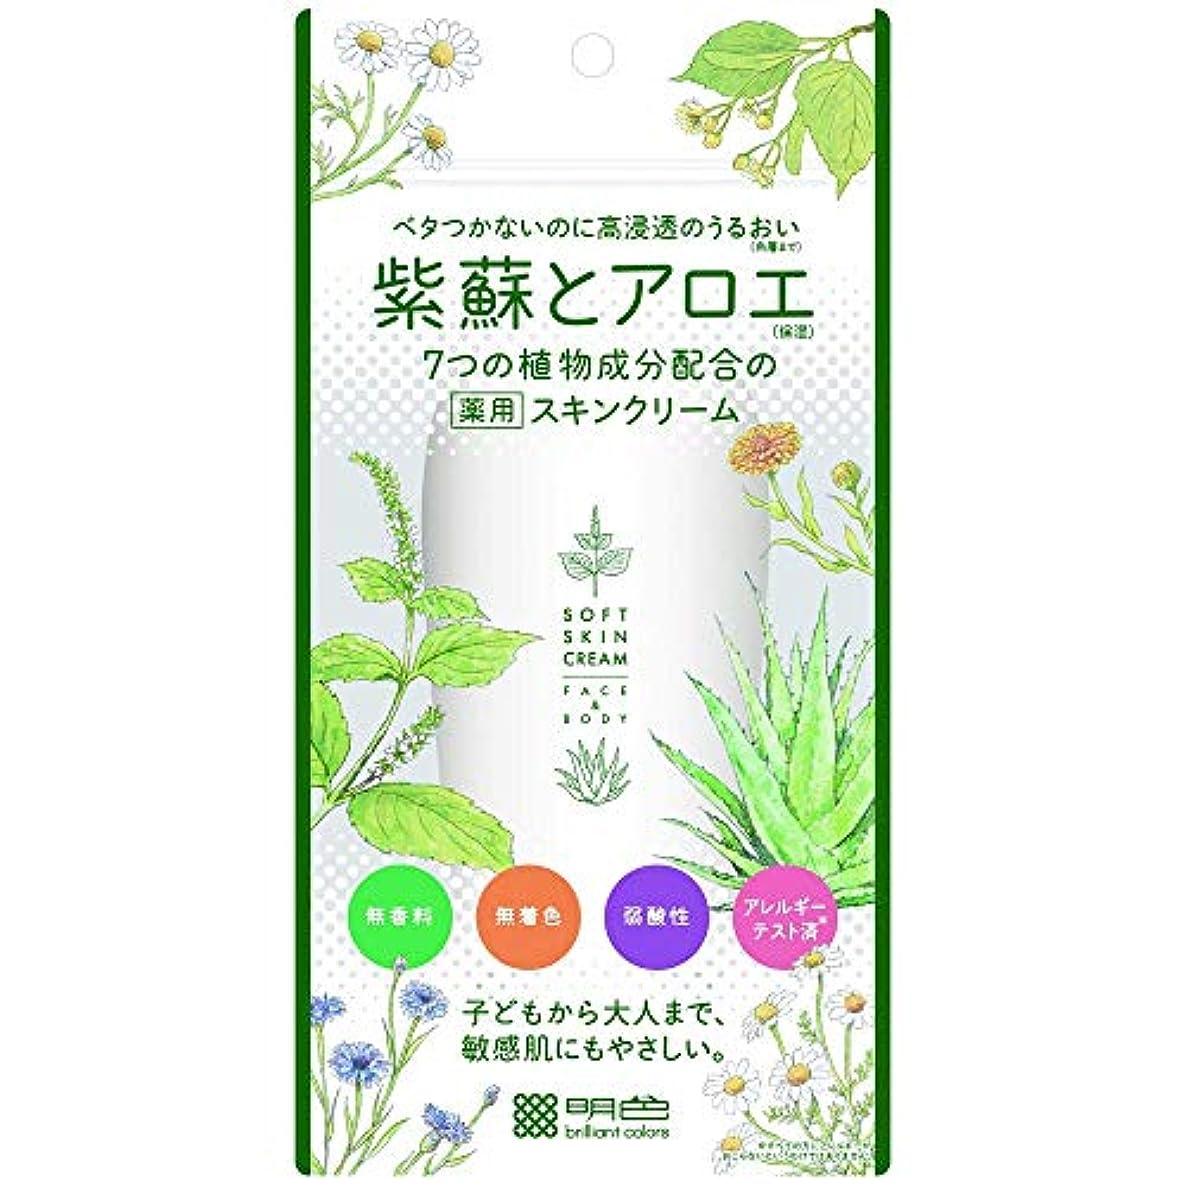 りインペリアル雑品【7個セット】紫蘇とアロエ 薬用スキンクリーム 190g